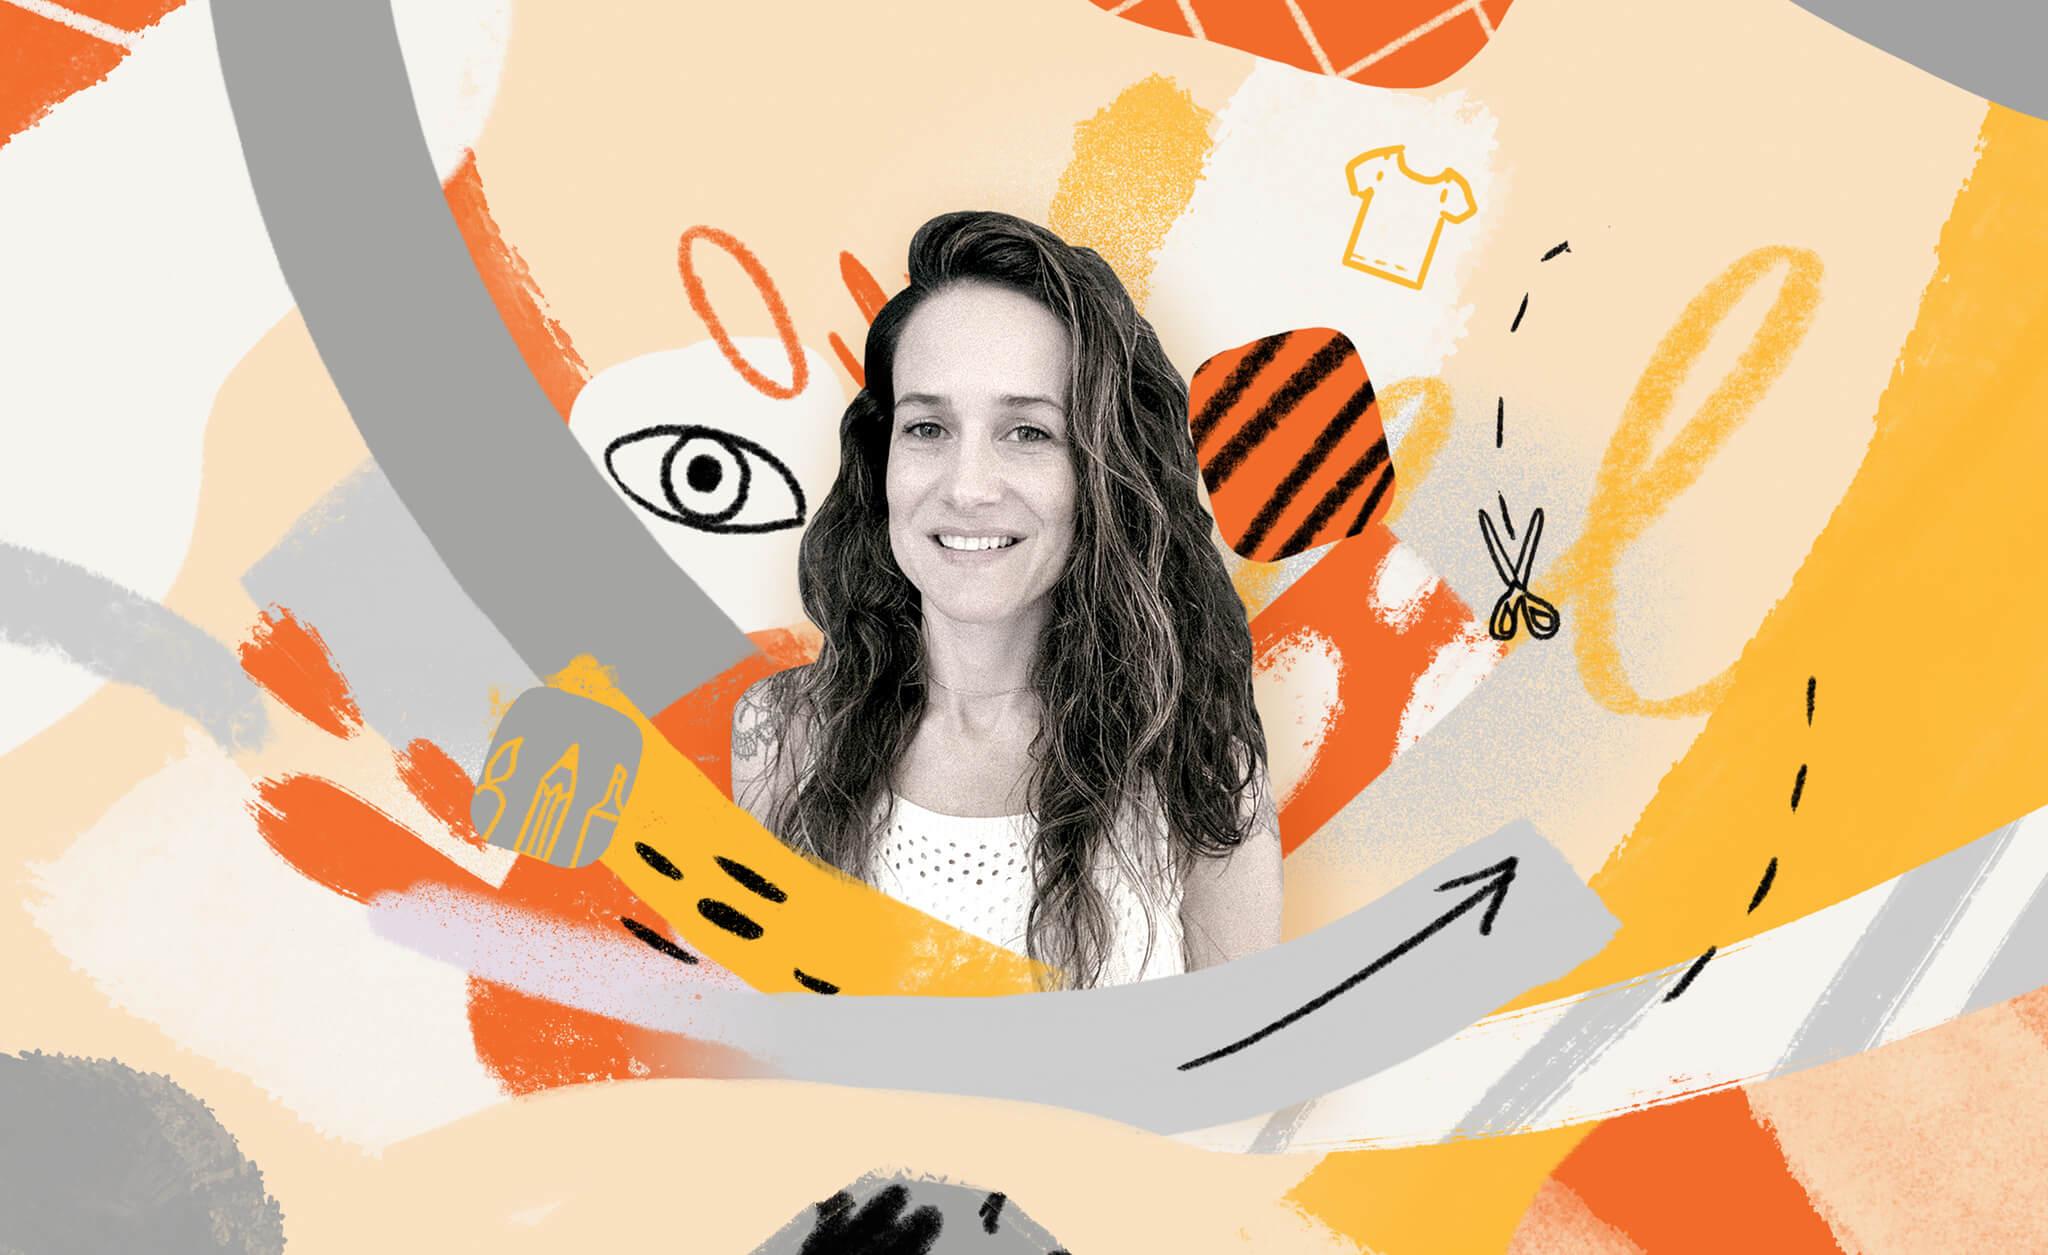 Photo du développeur Prêt-à-Template dans un collage.